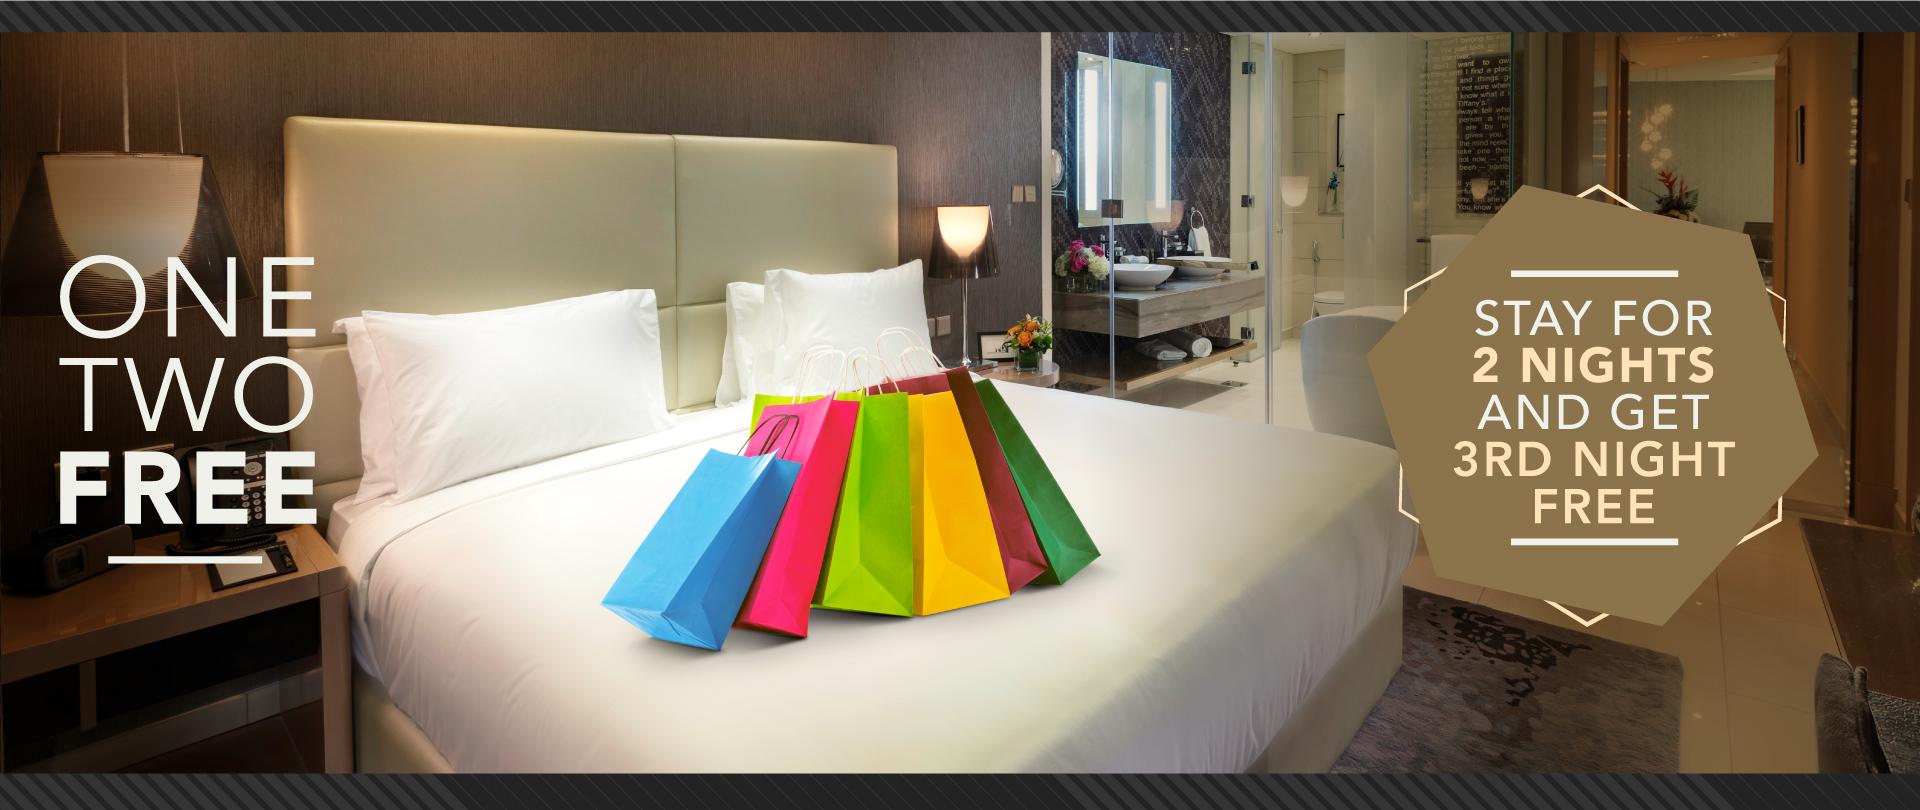 Hotel Apartments in Dubai | DAMAC Hotels Dubai | DAMAC